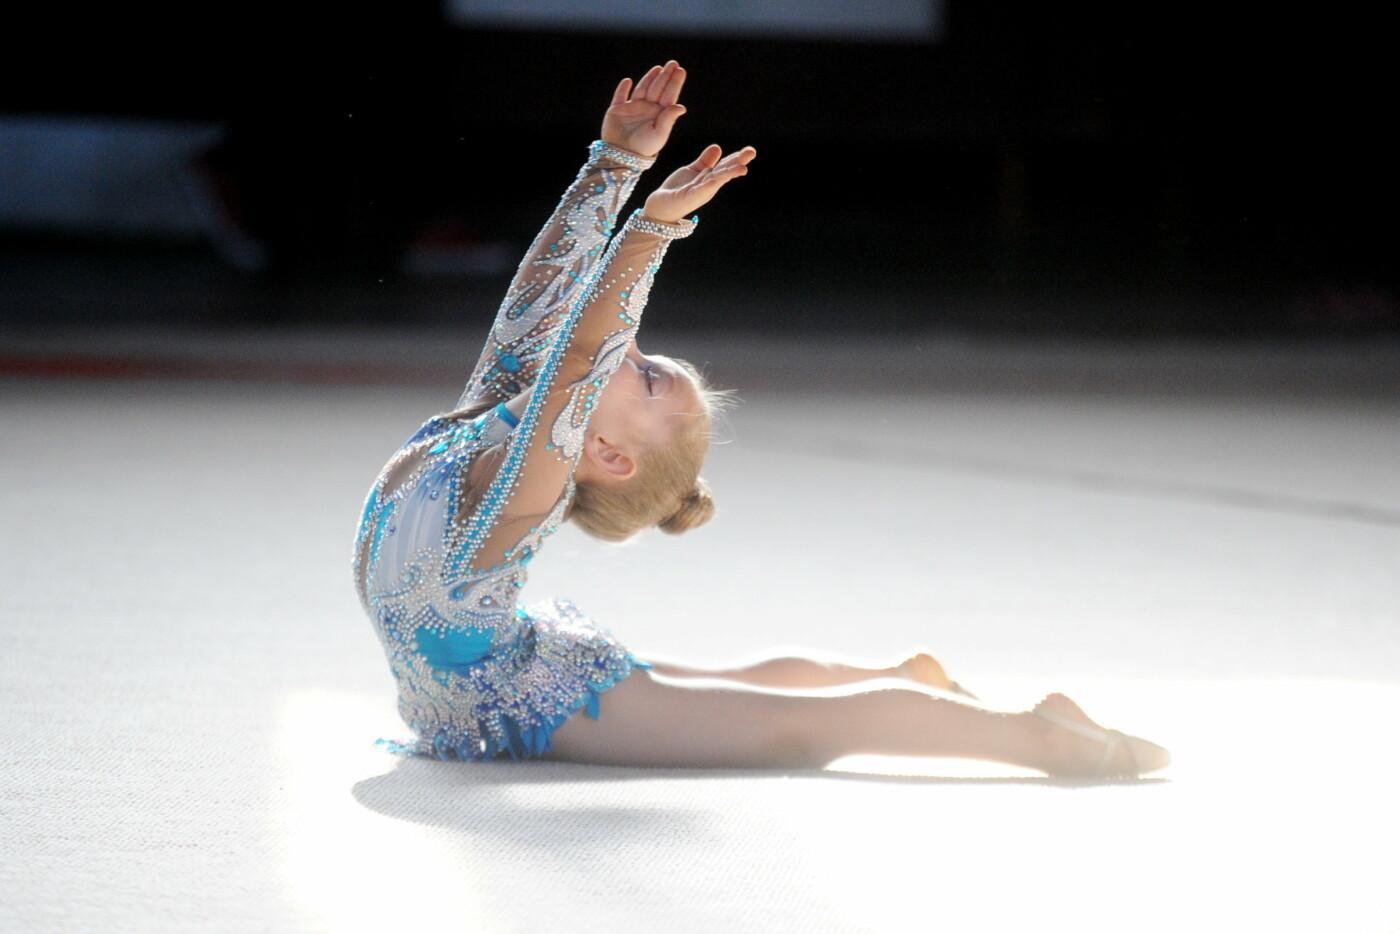 Мариупольцев приглашают на 9-й турнир по художественной гимнастике «Елизавета», фото-43